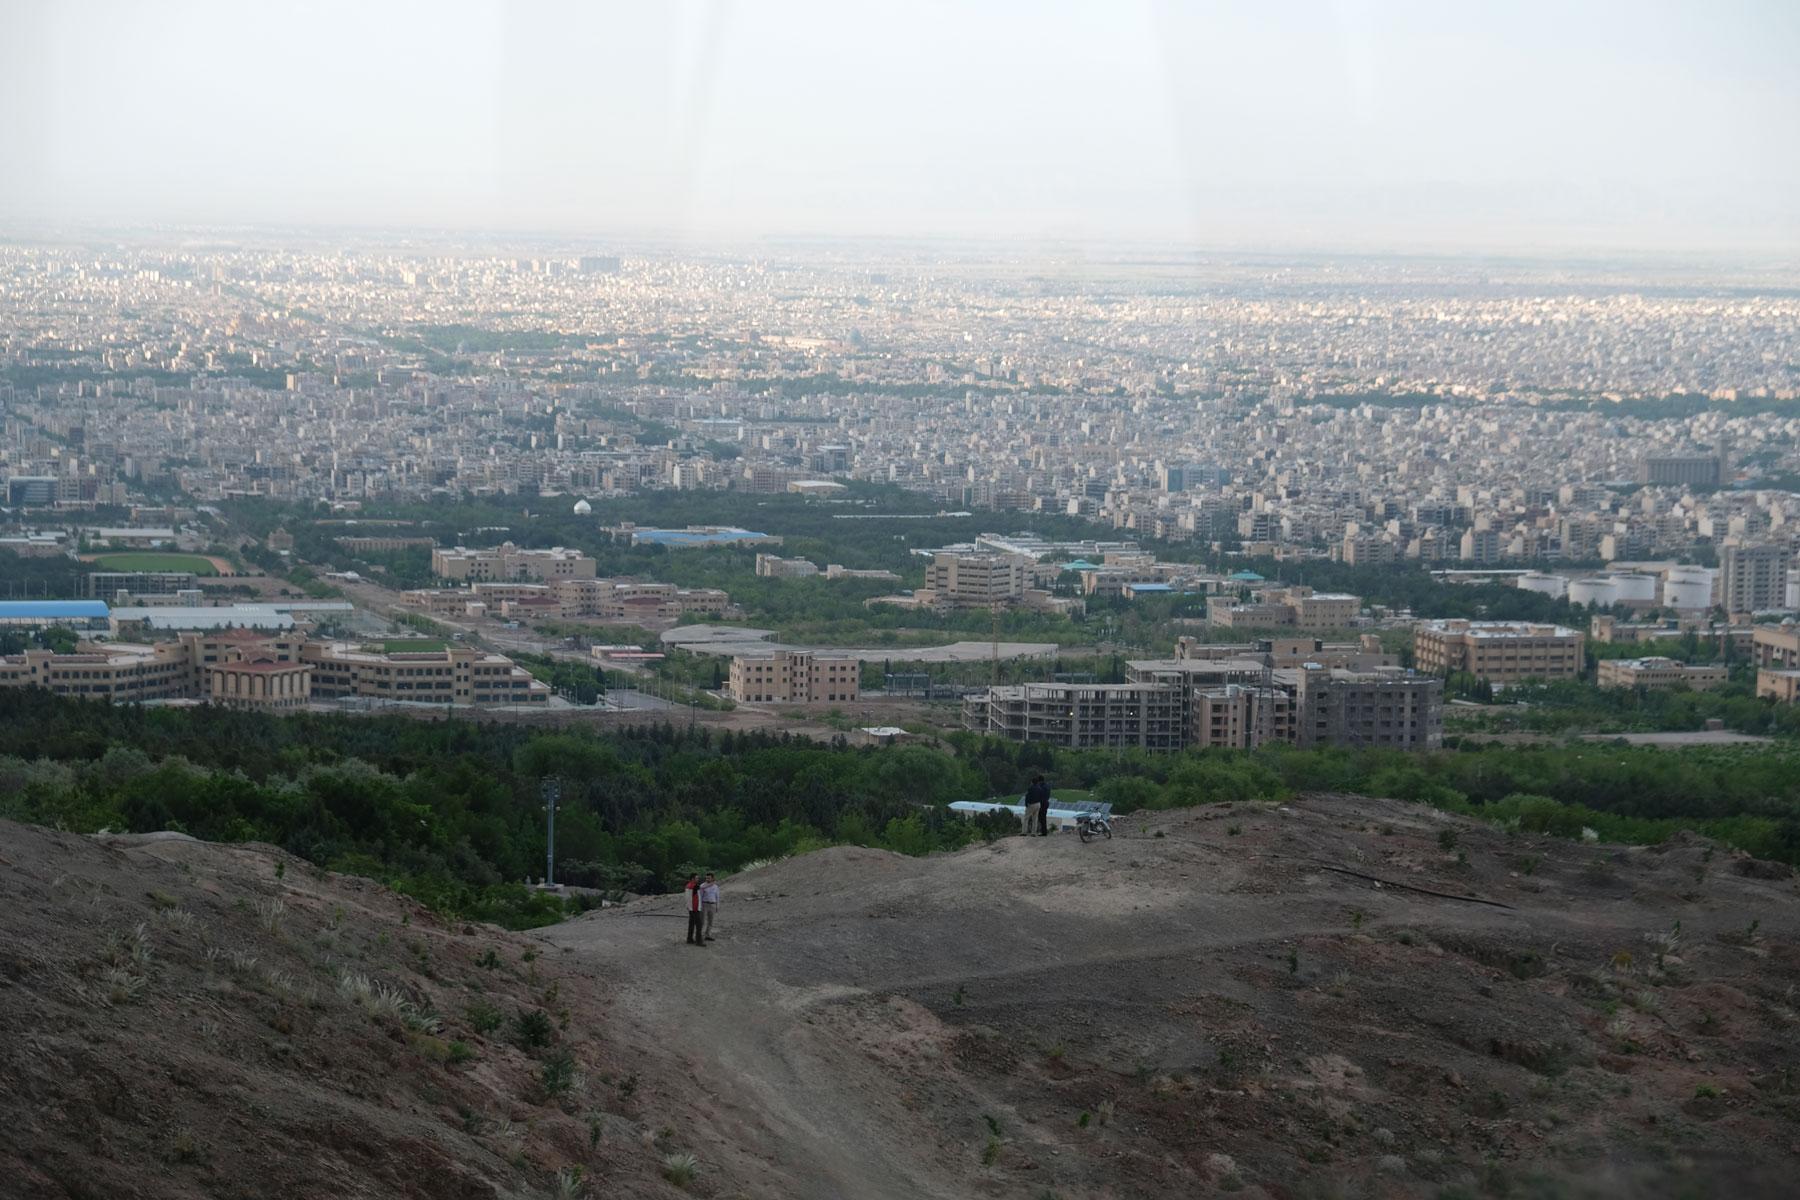 Unterwegs haben wir einen tollen Ausblick und erkennen, wie groß Isfahan wirklich ist